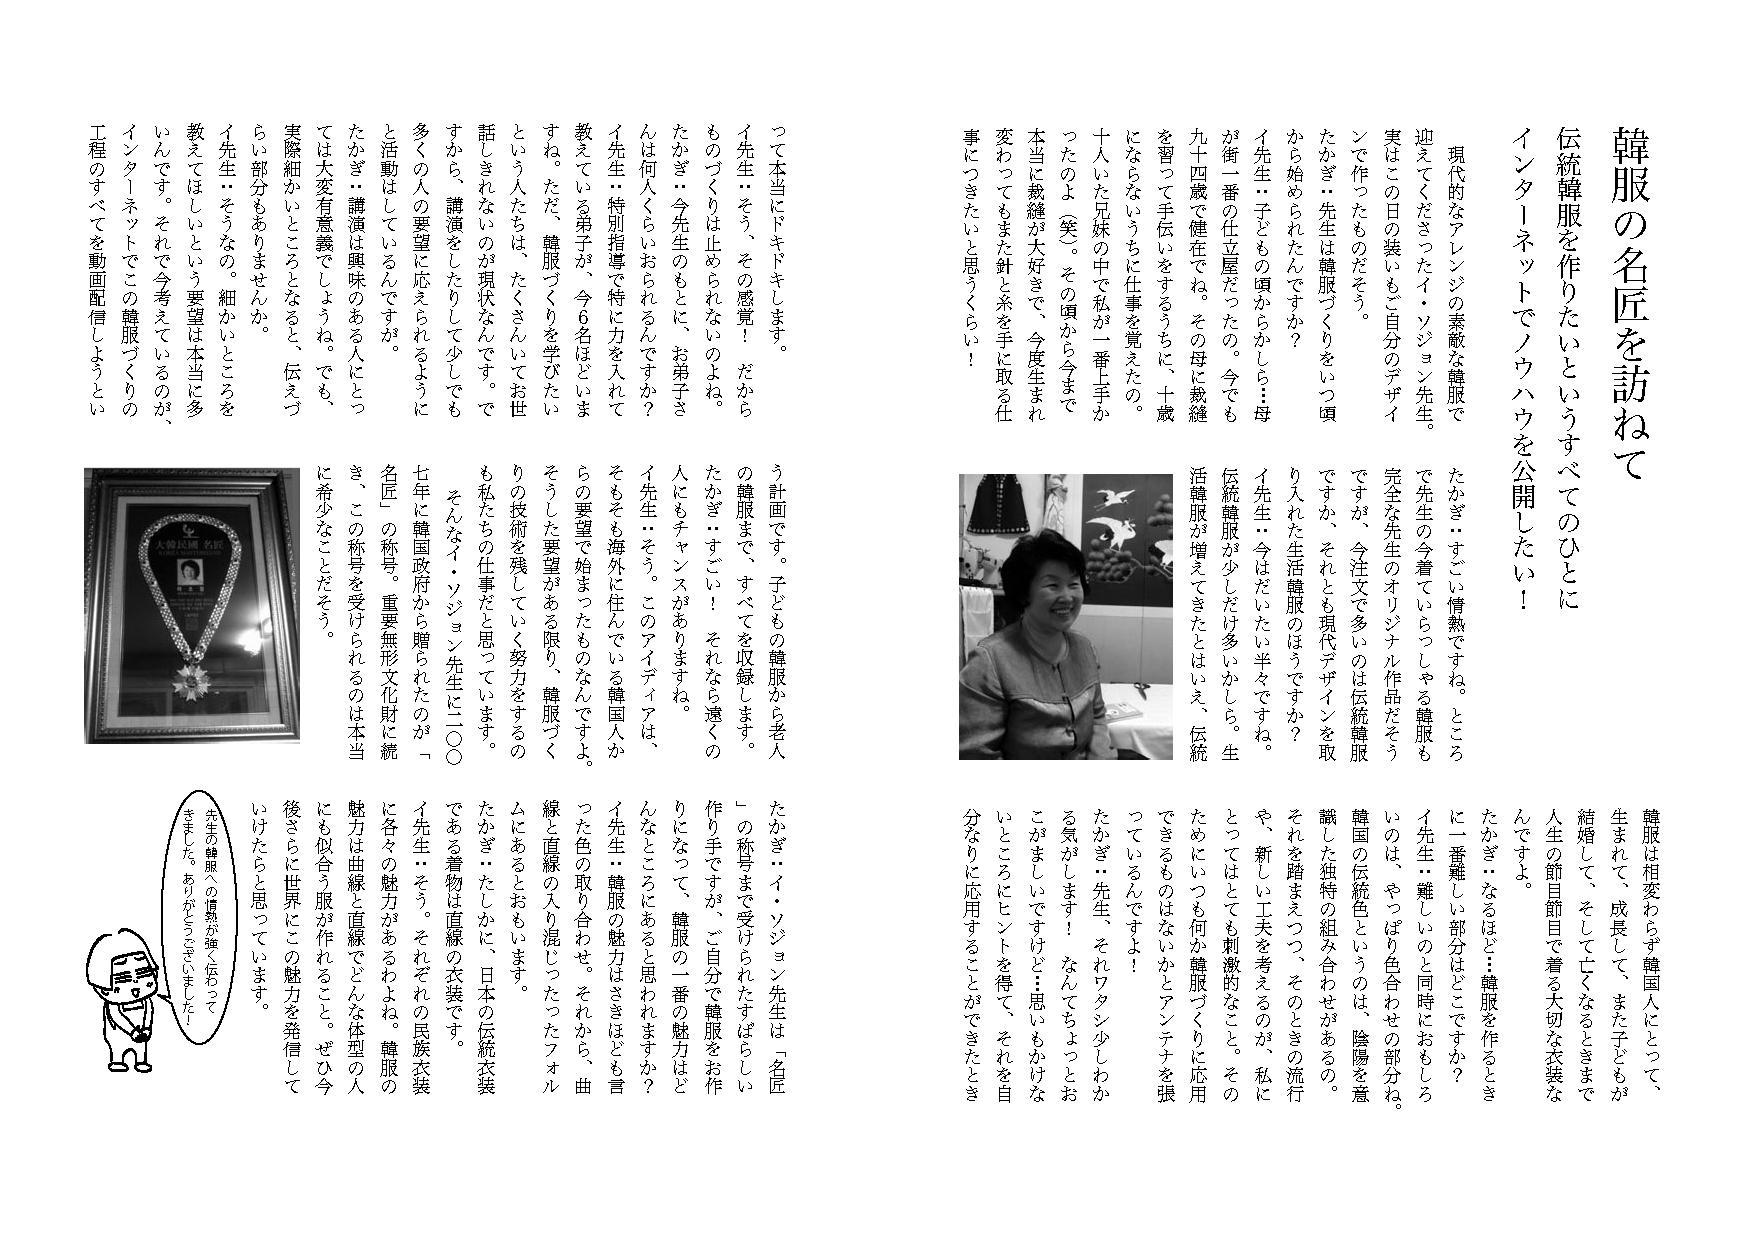 韓服名匠インタビュー原稿